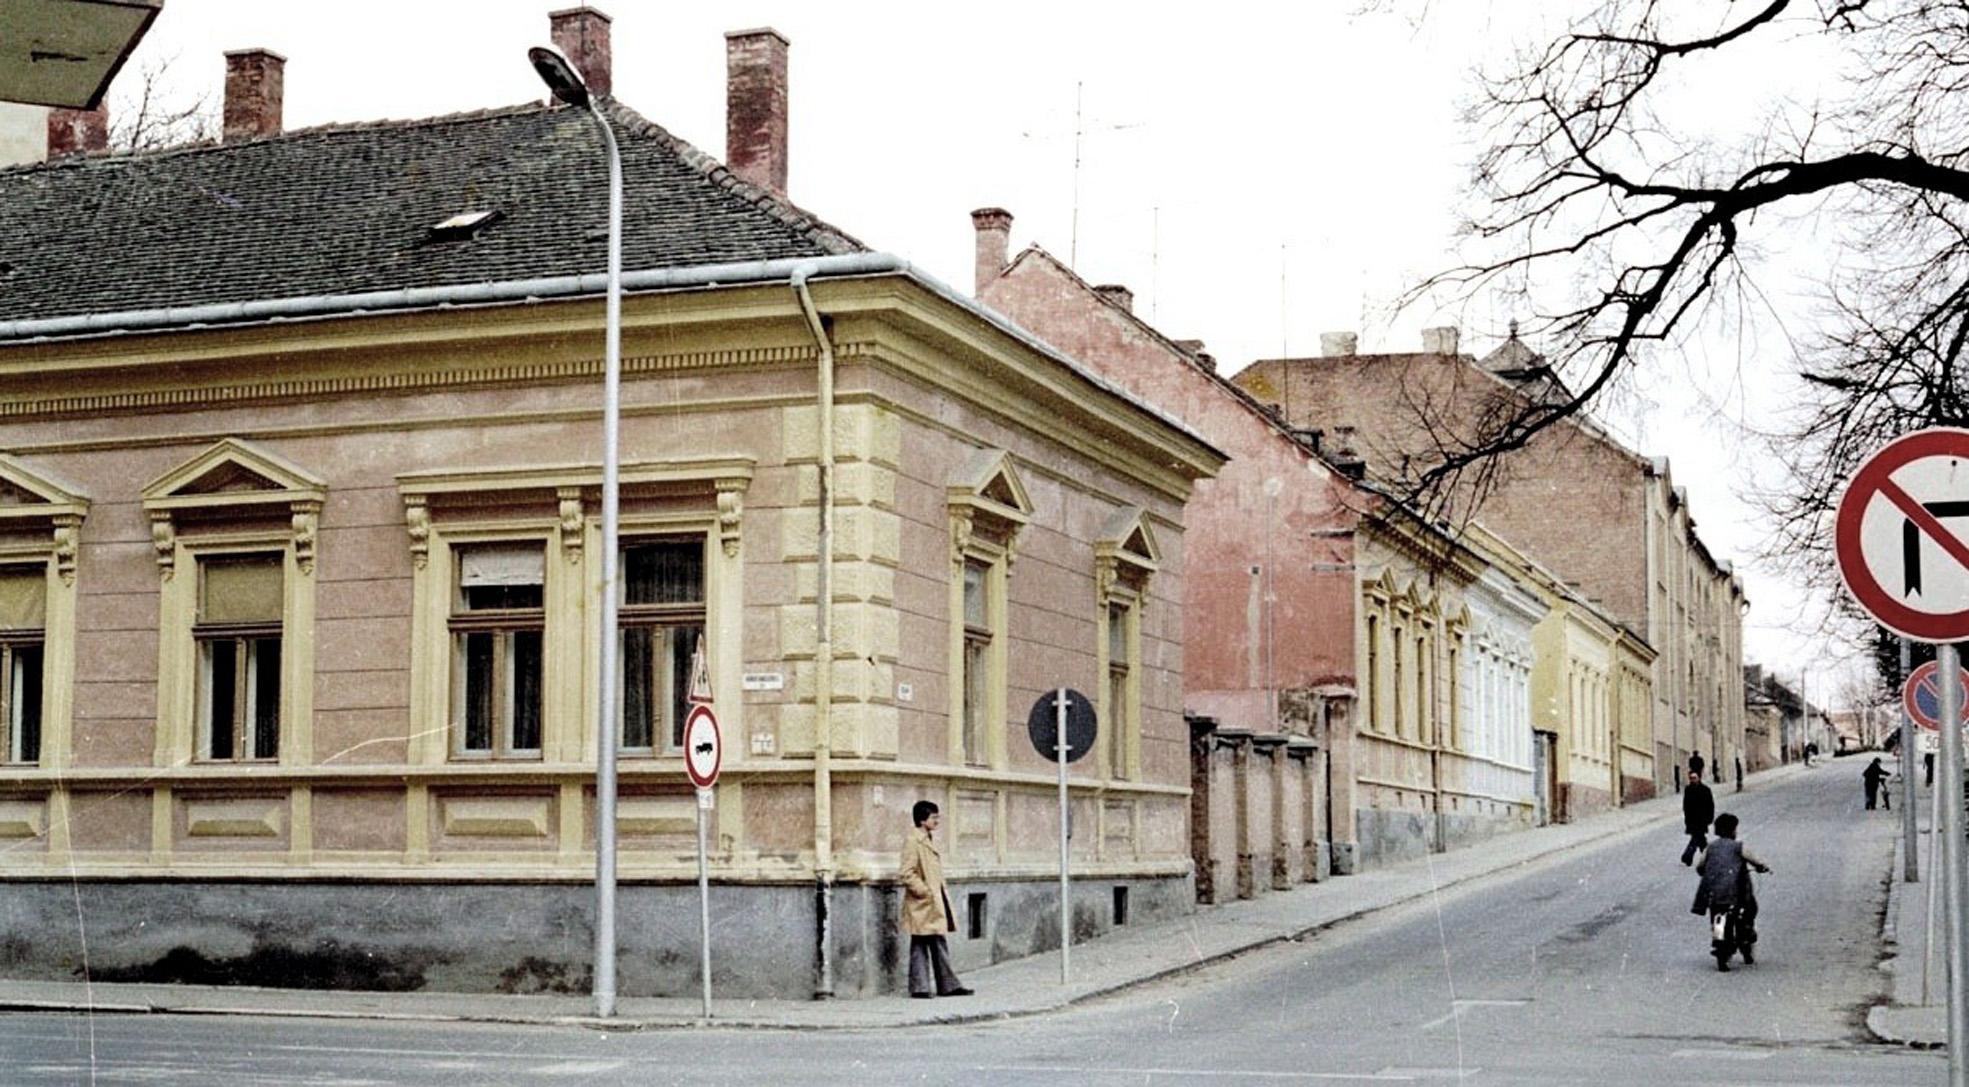 nagykanizsa-rozgonyi-utca-11